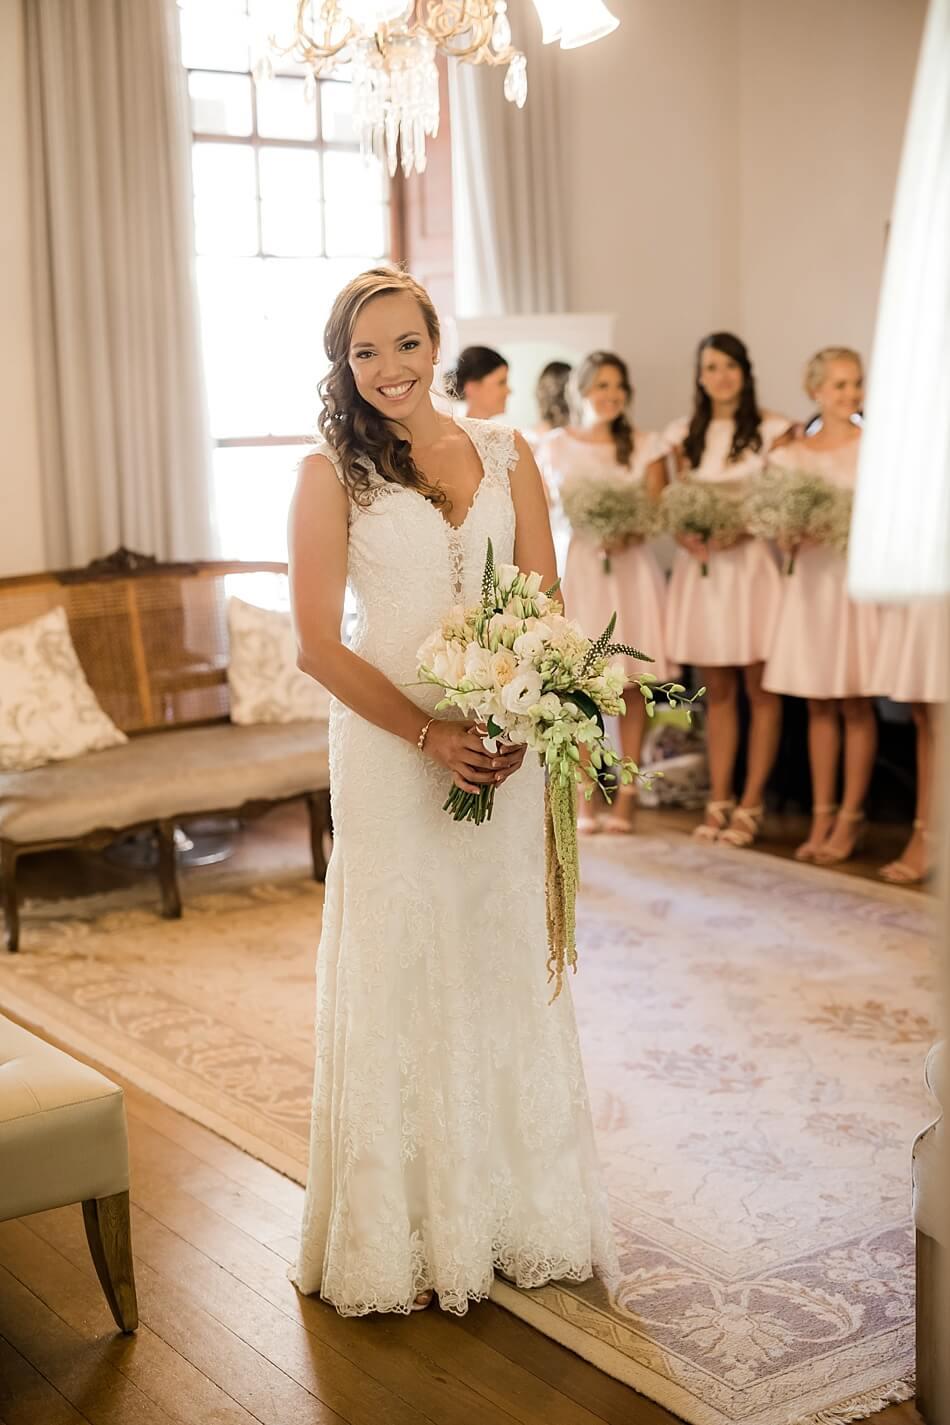 nikki-meyer_nooitgedacht_cape-town-wedding-photographer_020